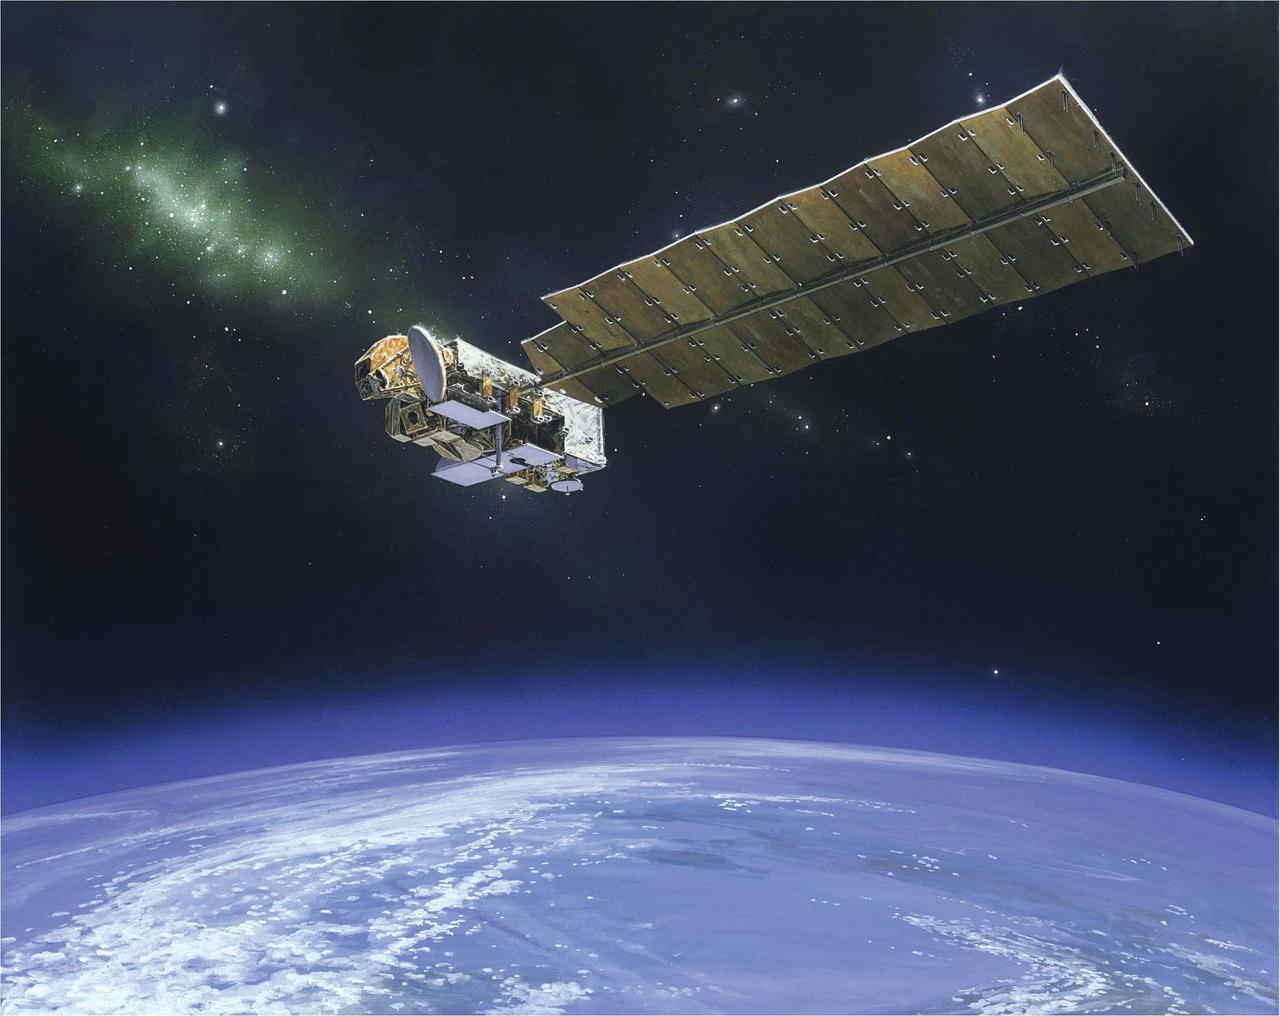 La nave espacial Aura es una misión de química atmosférica de la NASA que monitorea la atmósfera protectora de la Tierra. NASA.